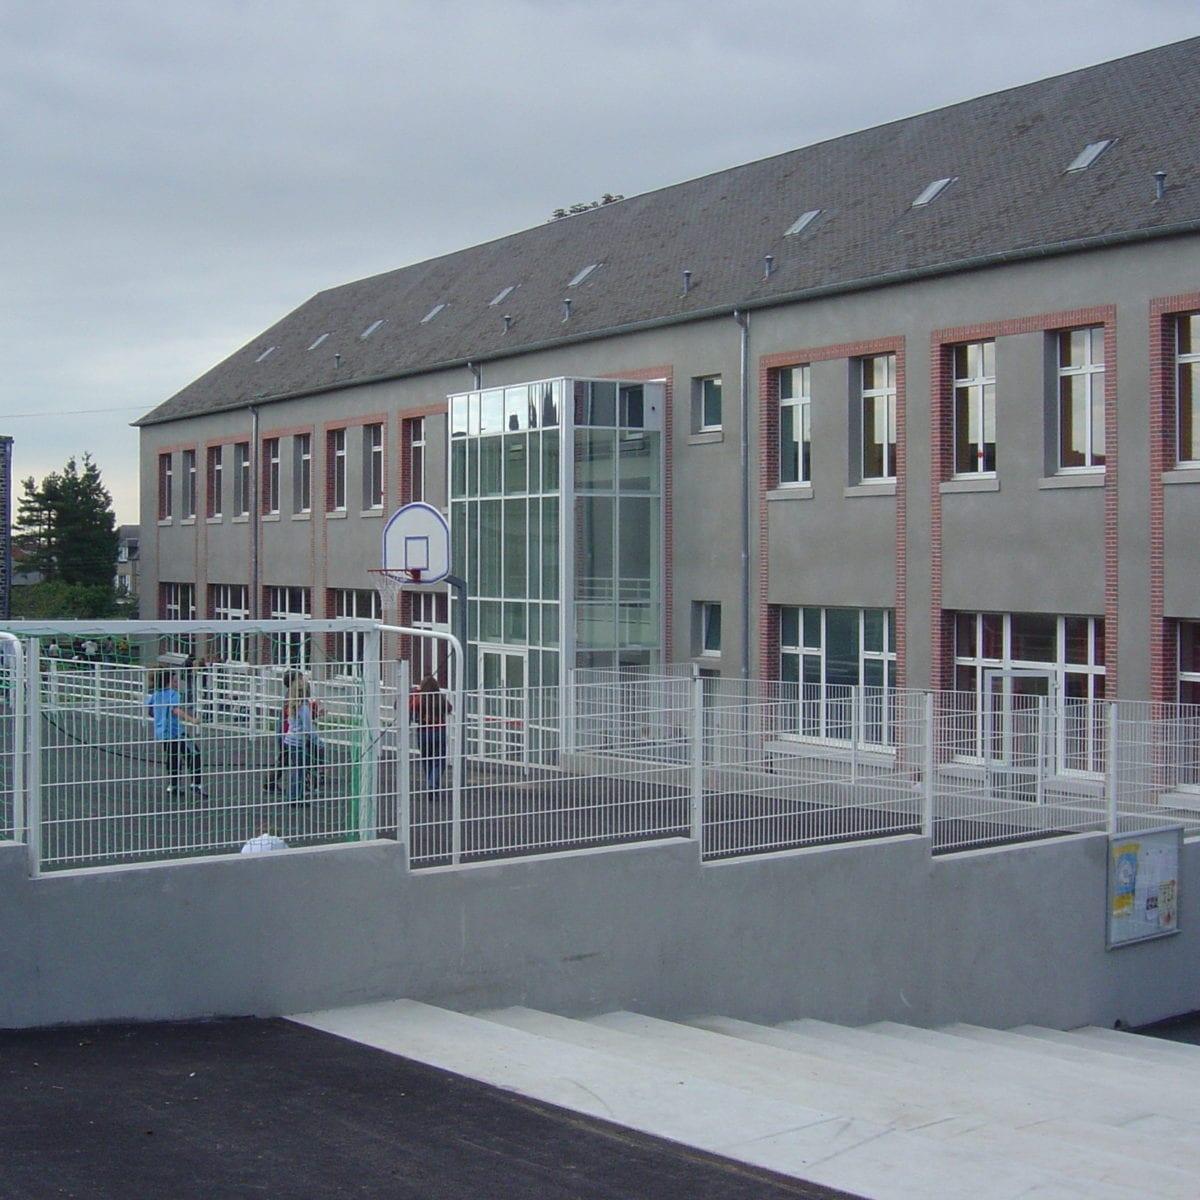 Ecole primaire des Tanneries